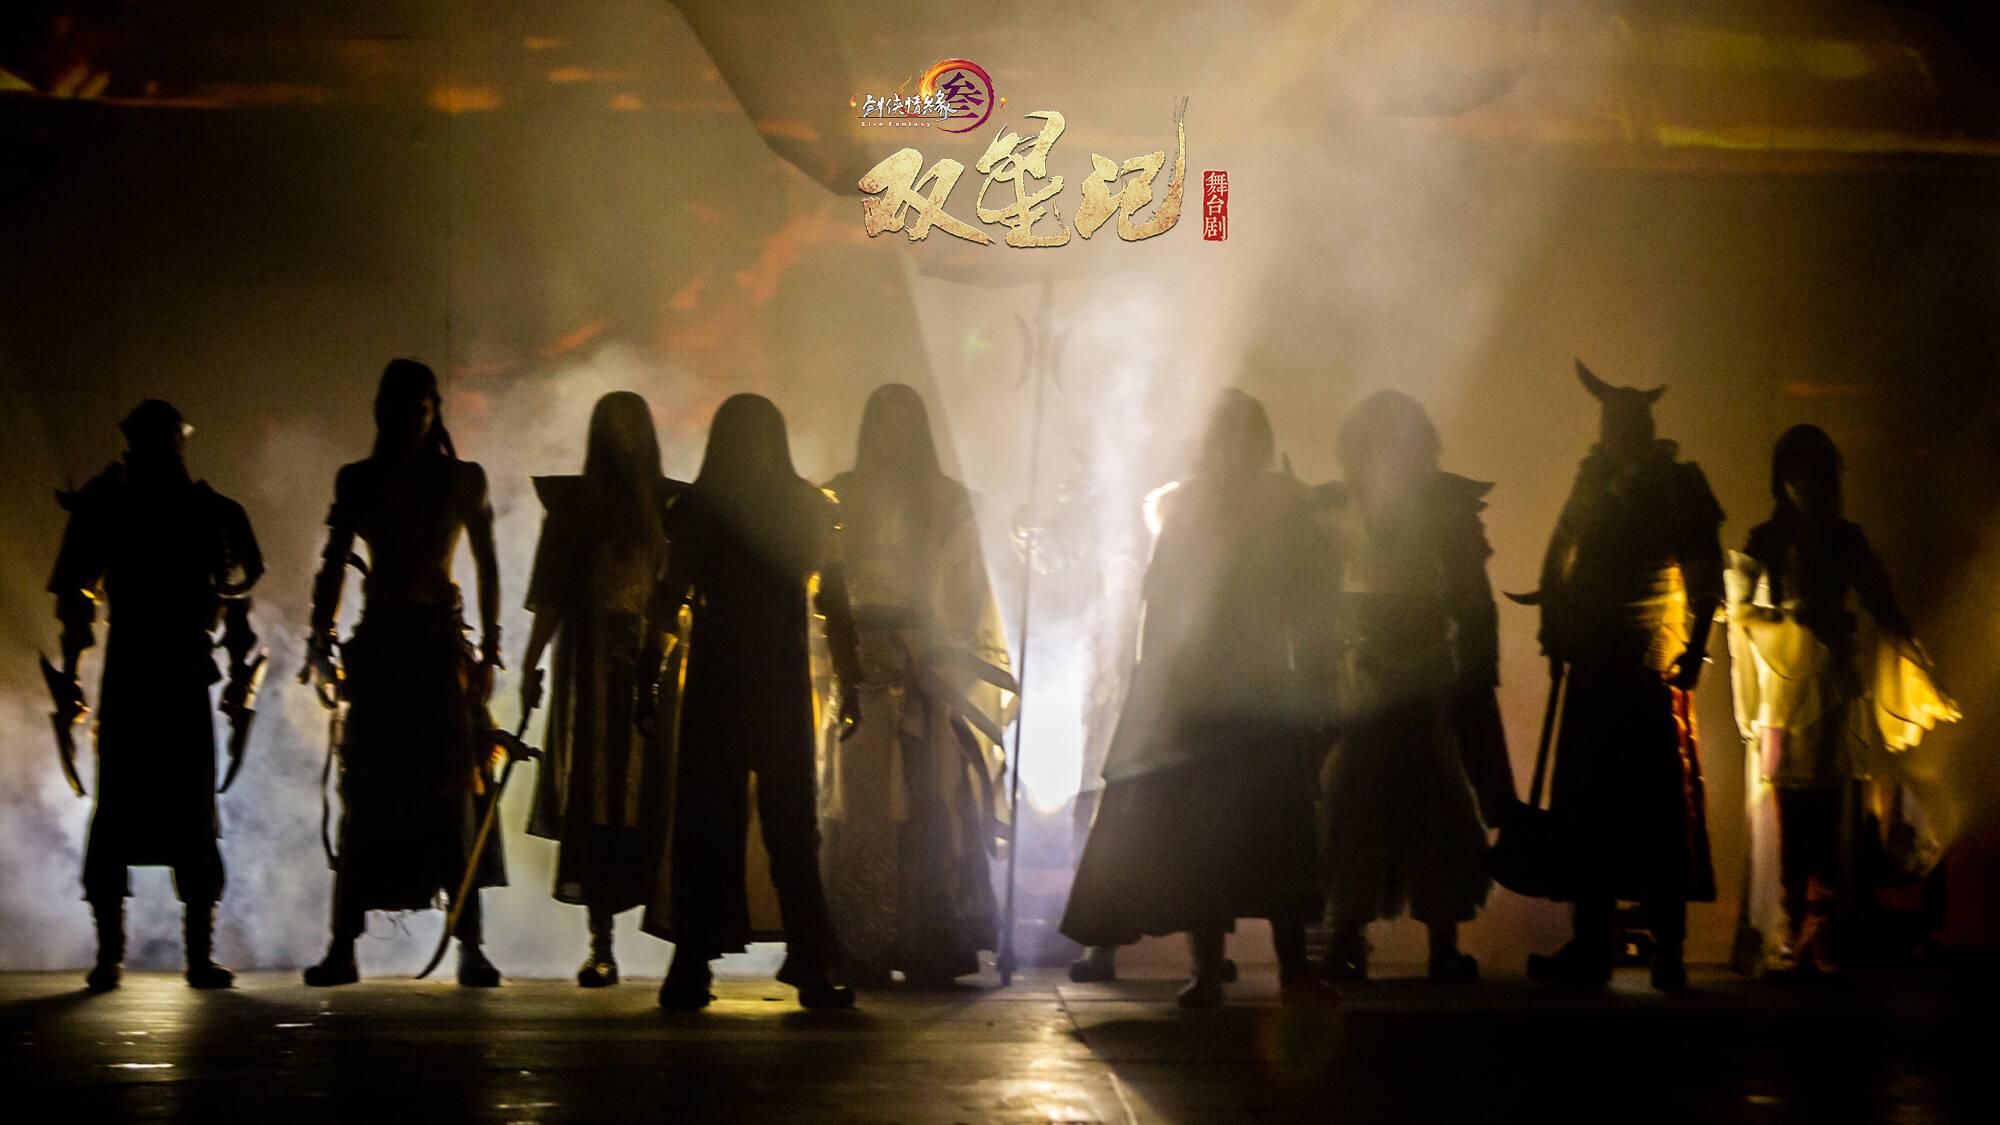 舞台剧巡演即将启程 《剑网3·双星记》巡演宣传片首曝 情报总局-第4张